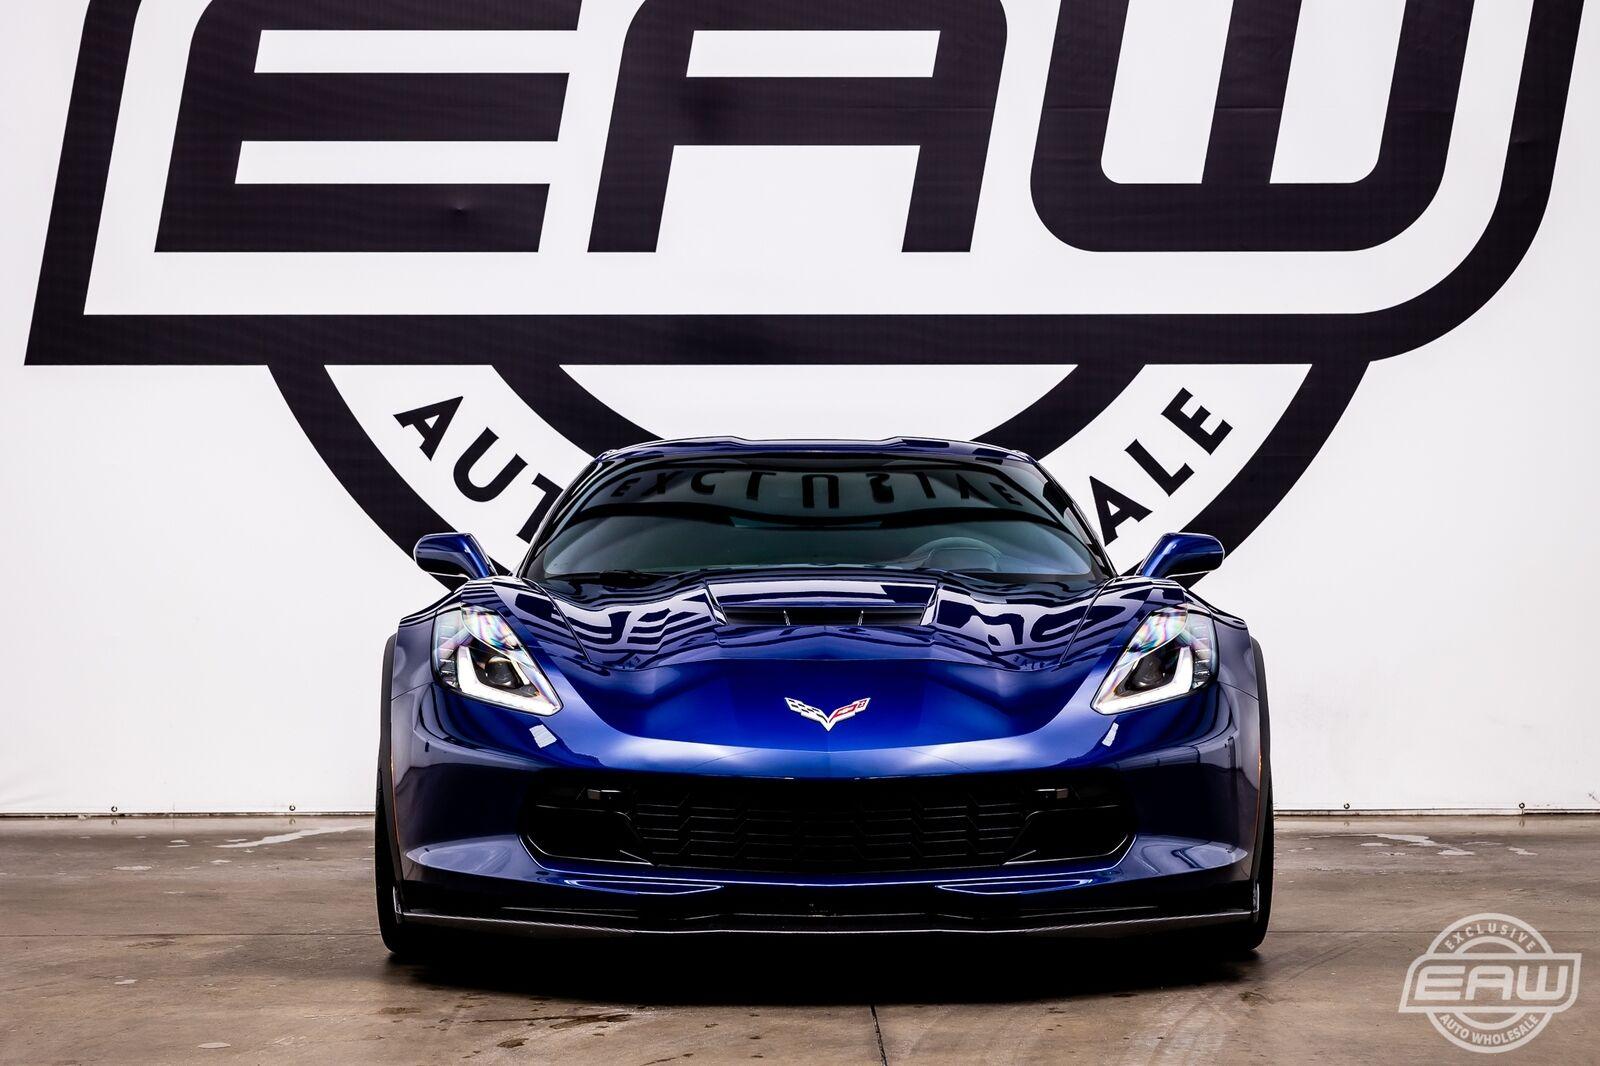 2017 Blue Chevrolet Corvette Grand Sport 2LT | C7 Corvette Photo 6